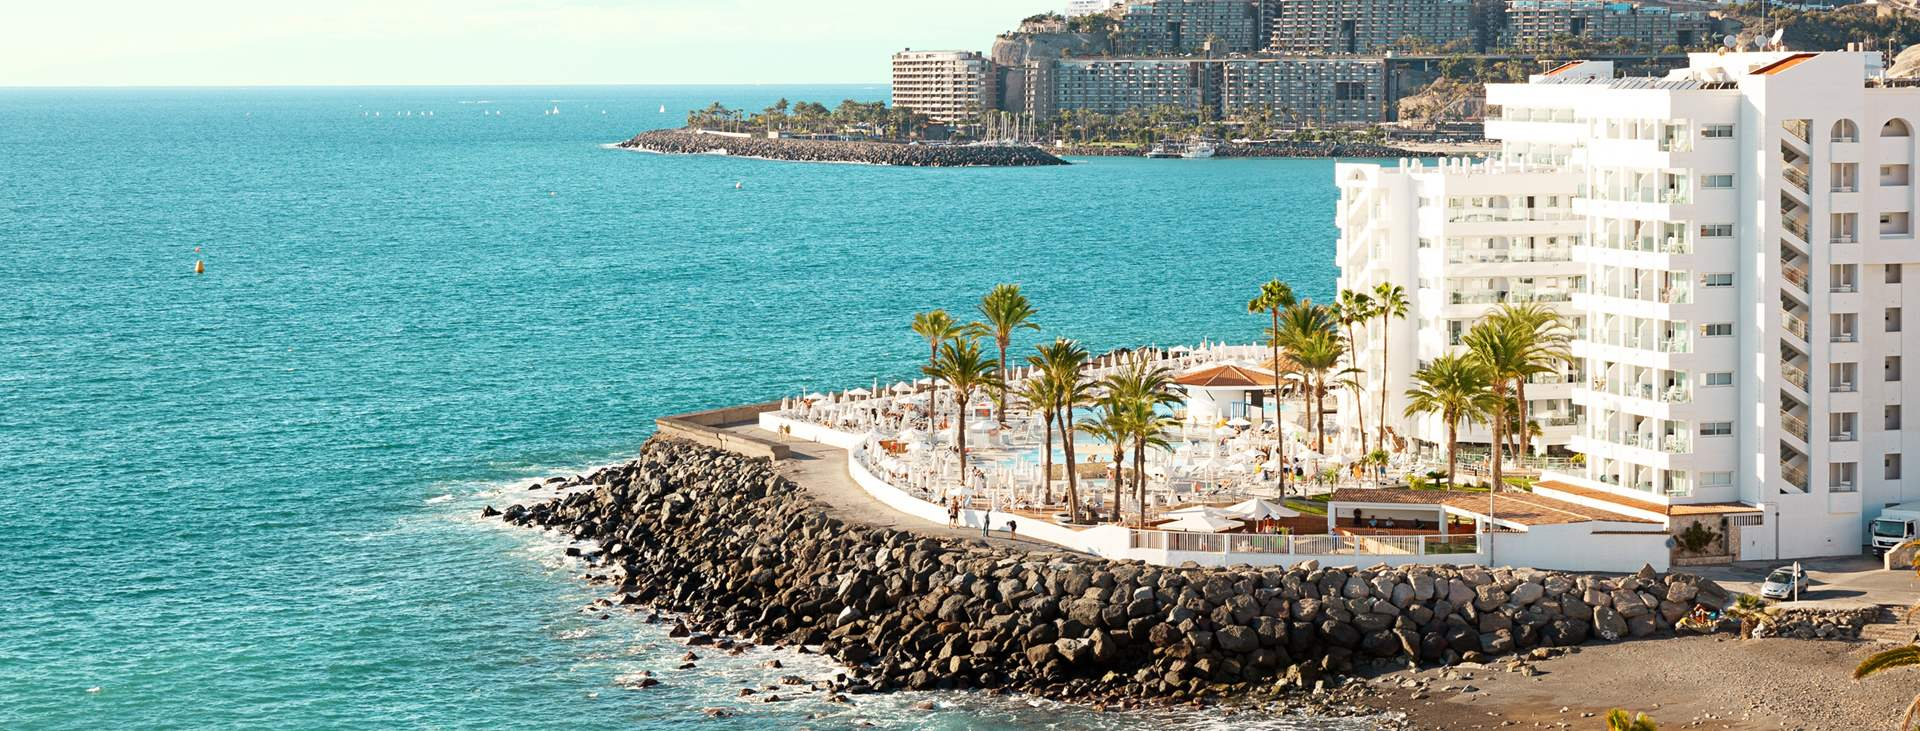 Matkat lapsiystävälliseen Arguineguíniin Gran Canarialle